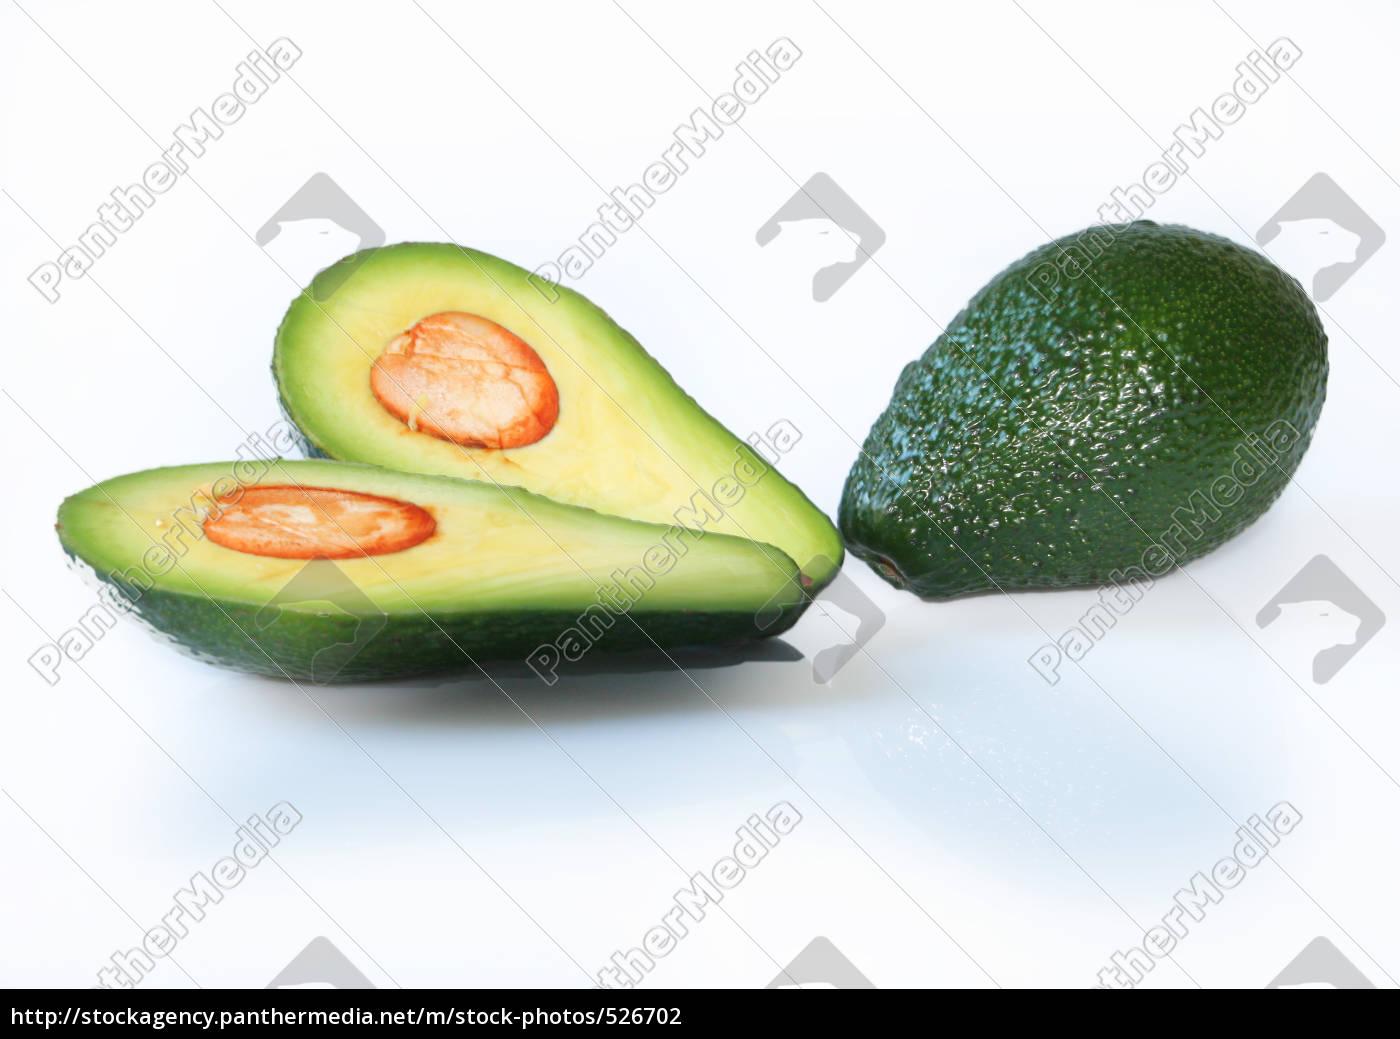 avocado - 526702